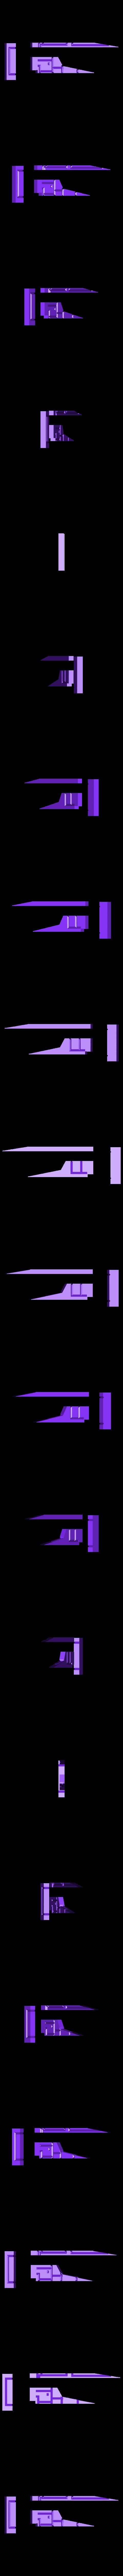 ANTENNAS.STL Télécharger fichier STL gratuit Cybran T2 Destroyer - Salem Class • Plan à imprimer en 3D, Steyrc